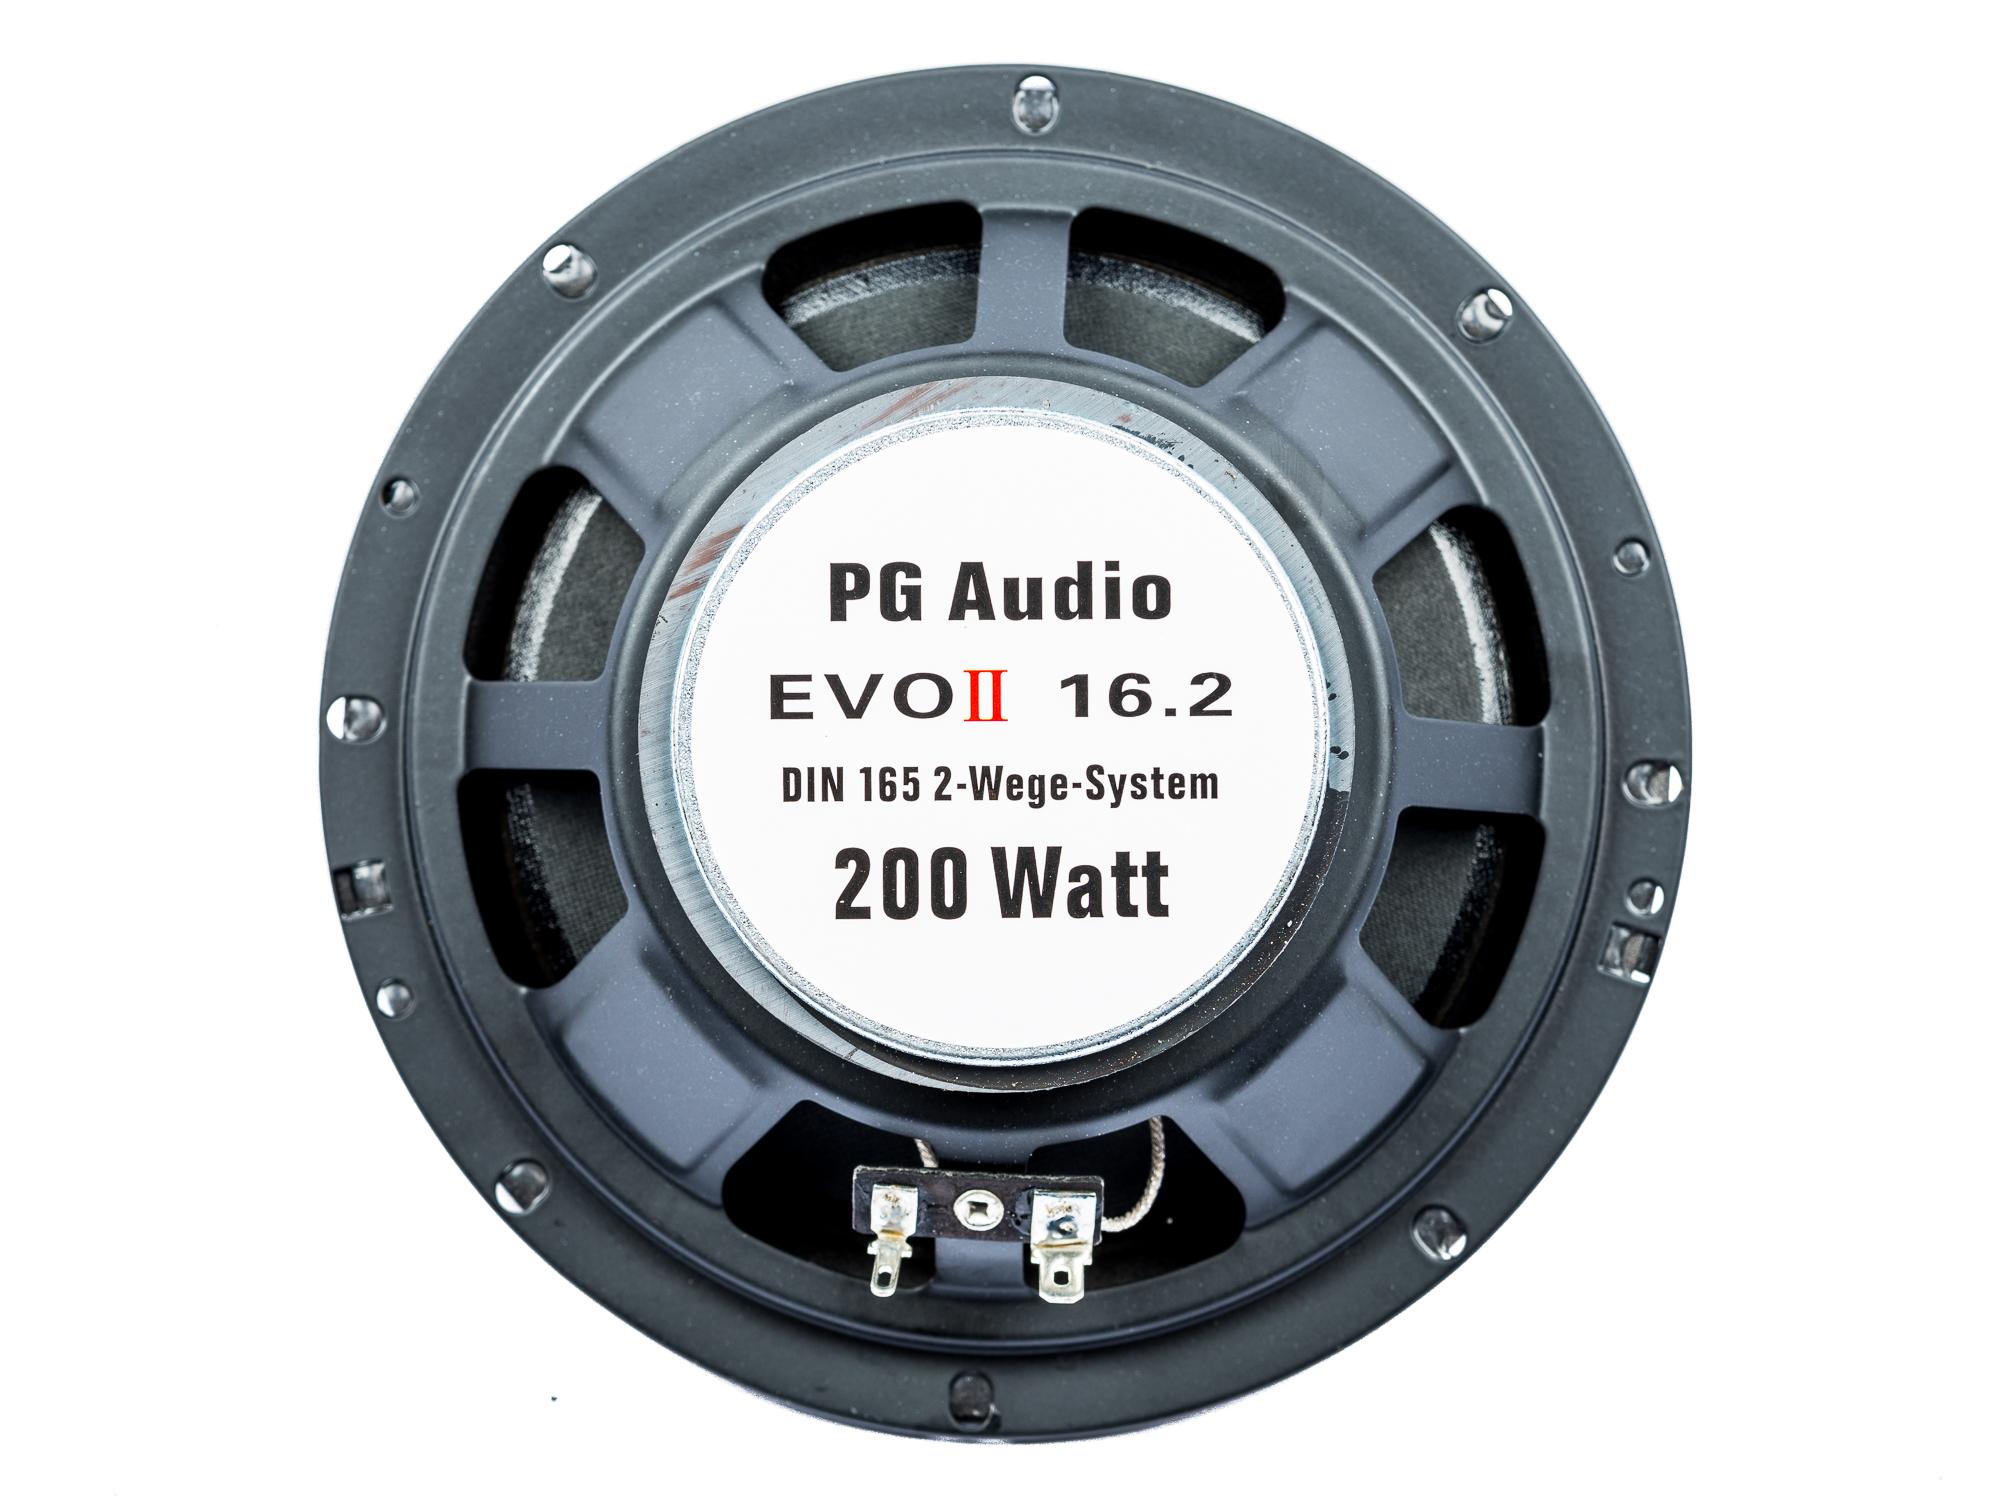 VW Golf 7 VW Polo 9N VW Up Lautsprecher Einbauset Tür vorne PG Audio Neuware